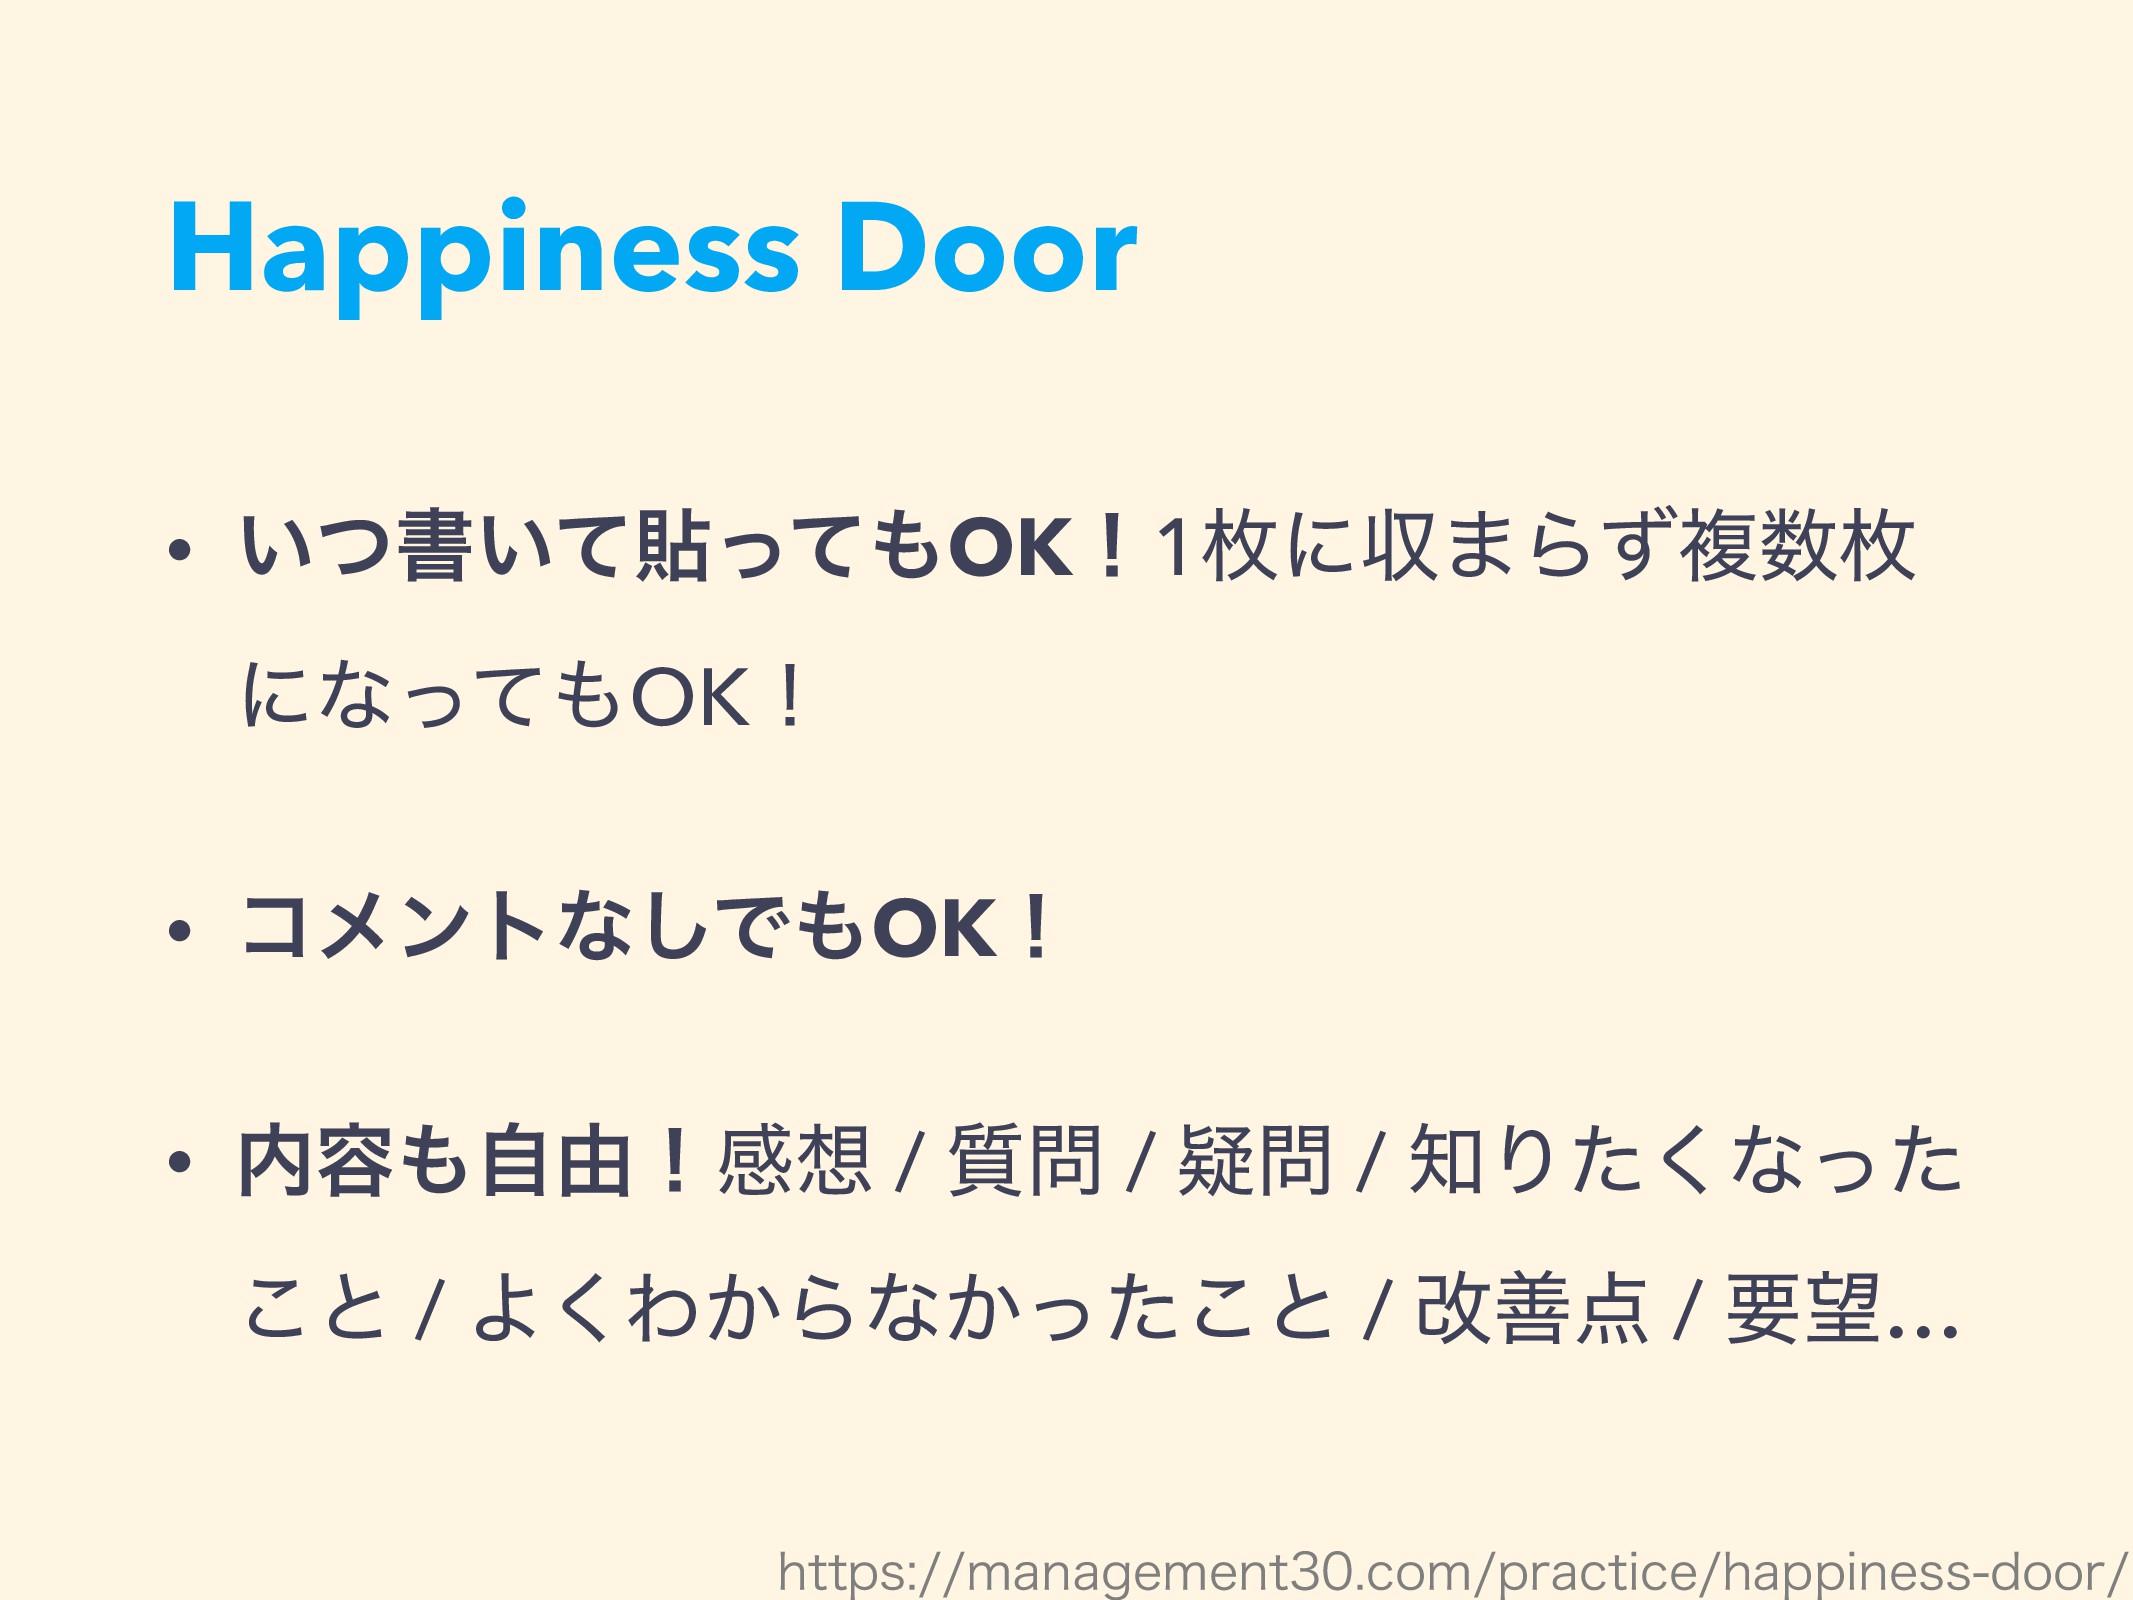 Happiness Door • ͍ͭॻ͍ͯషͬͯOKʂ1ຕʹऩ·Βͣෳຕ ʹͳͬͯOK...